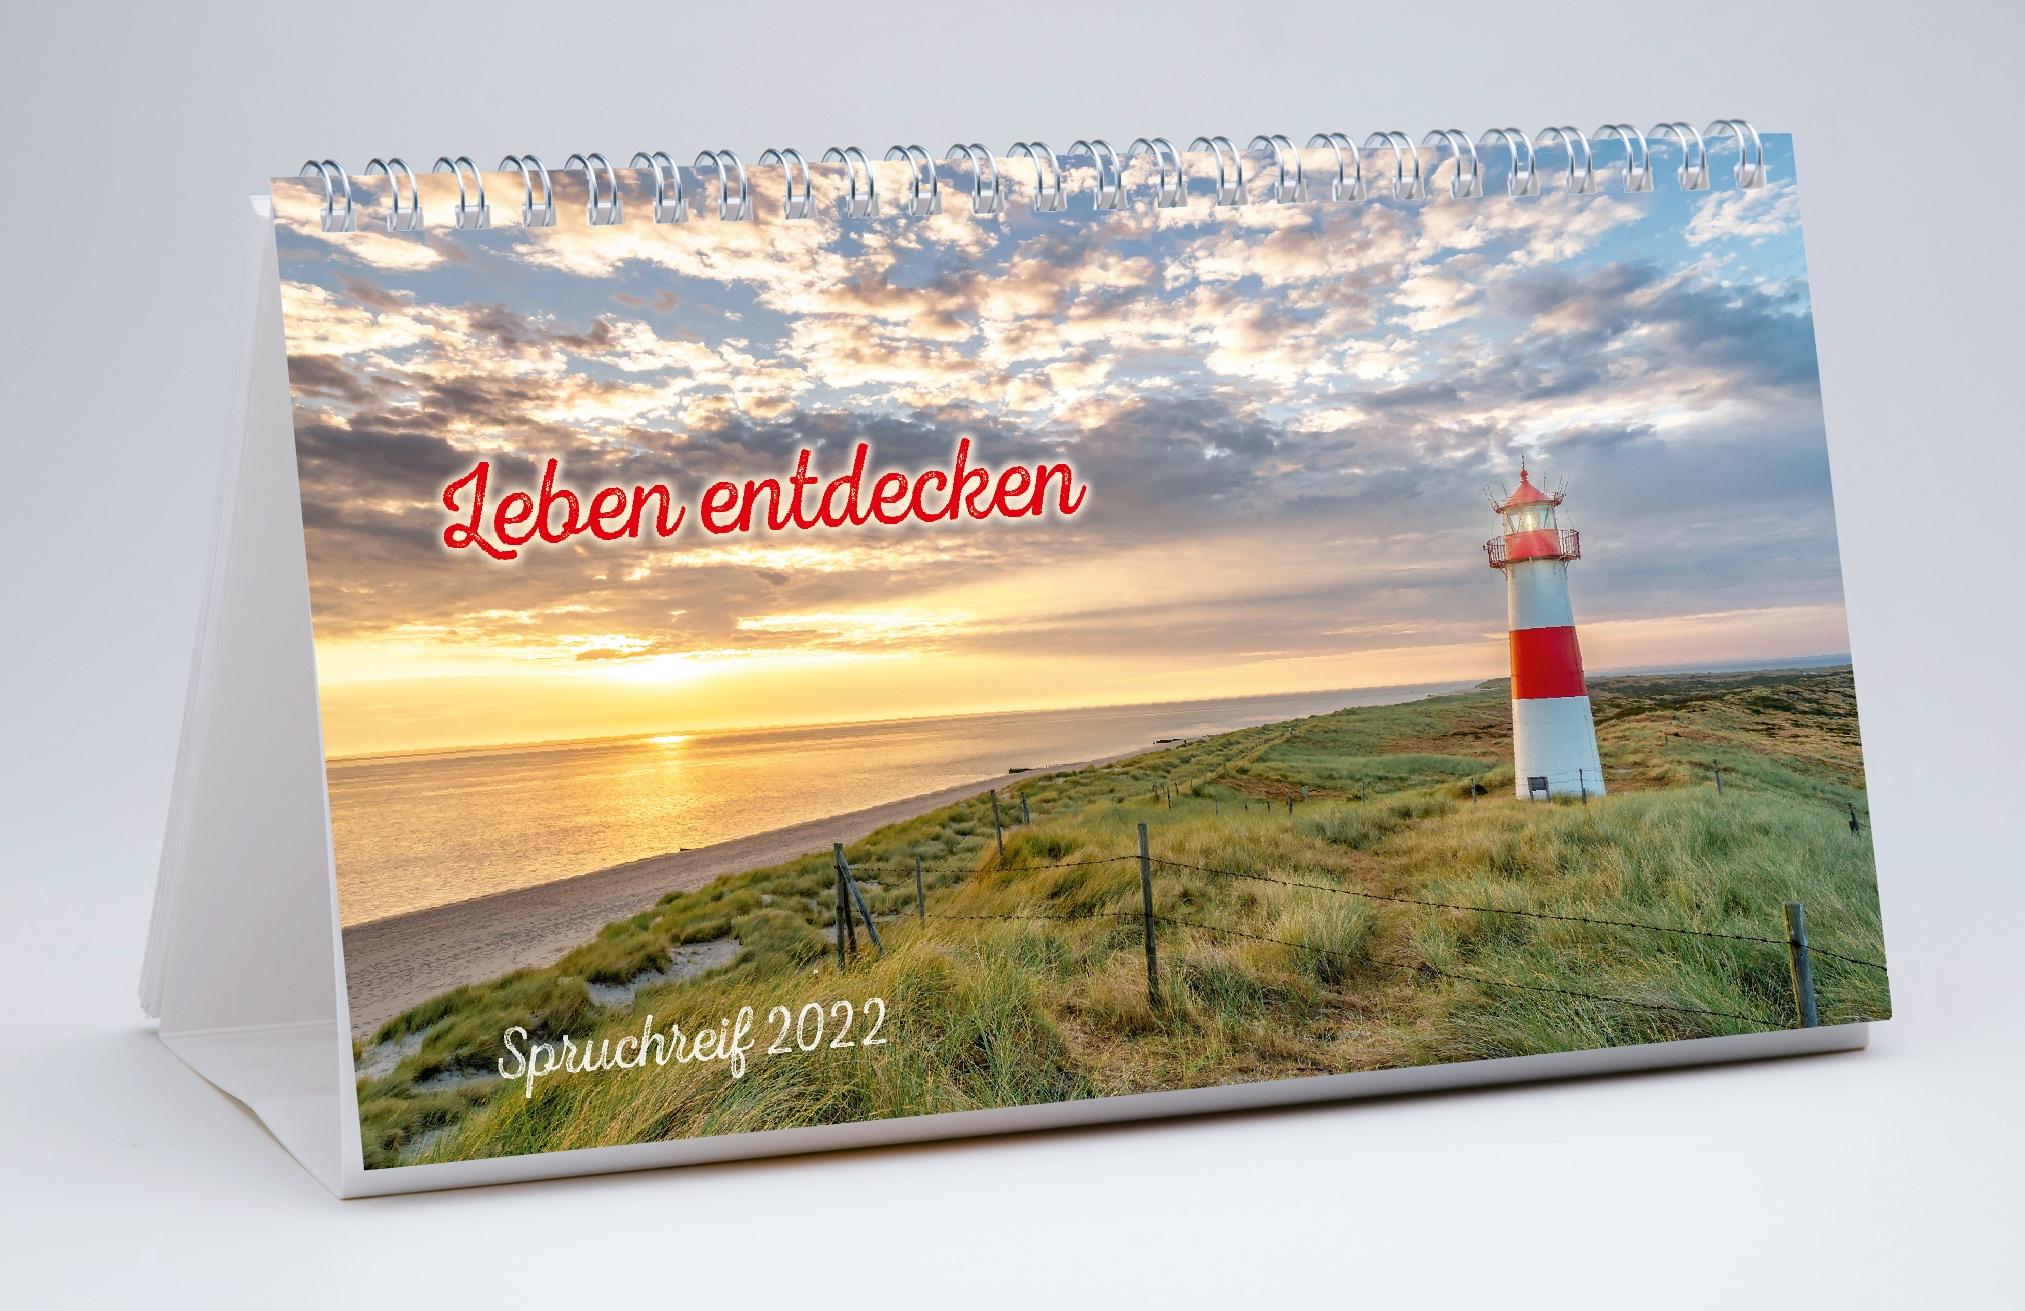 Leben entdecken - Spruchreif 2022 (Verteilkalender)